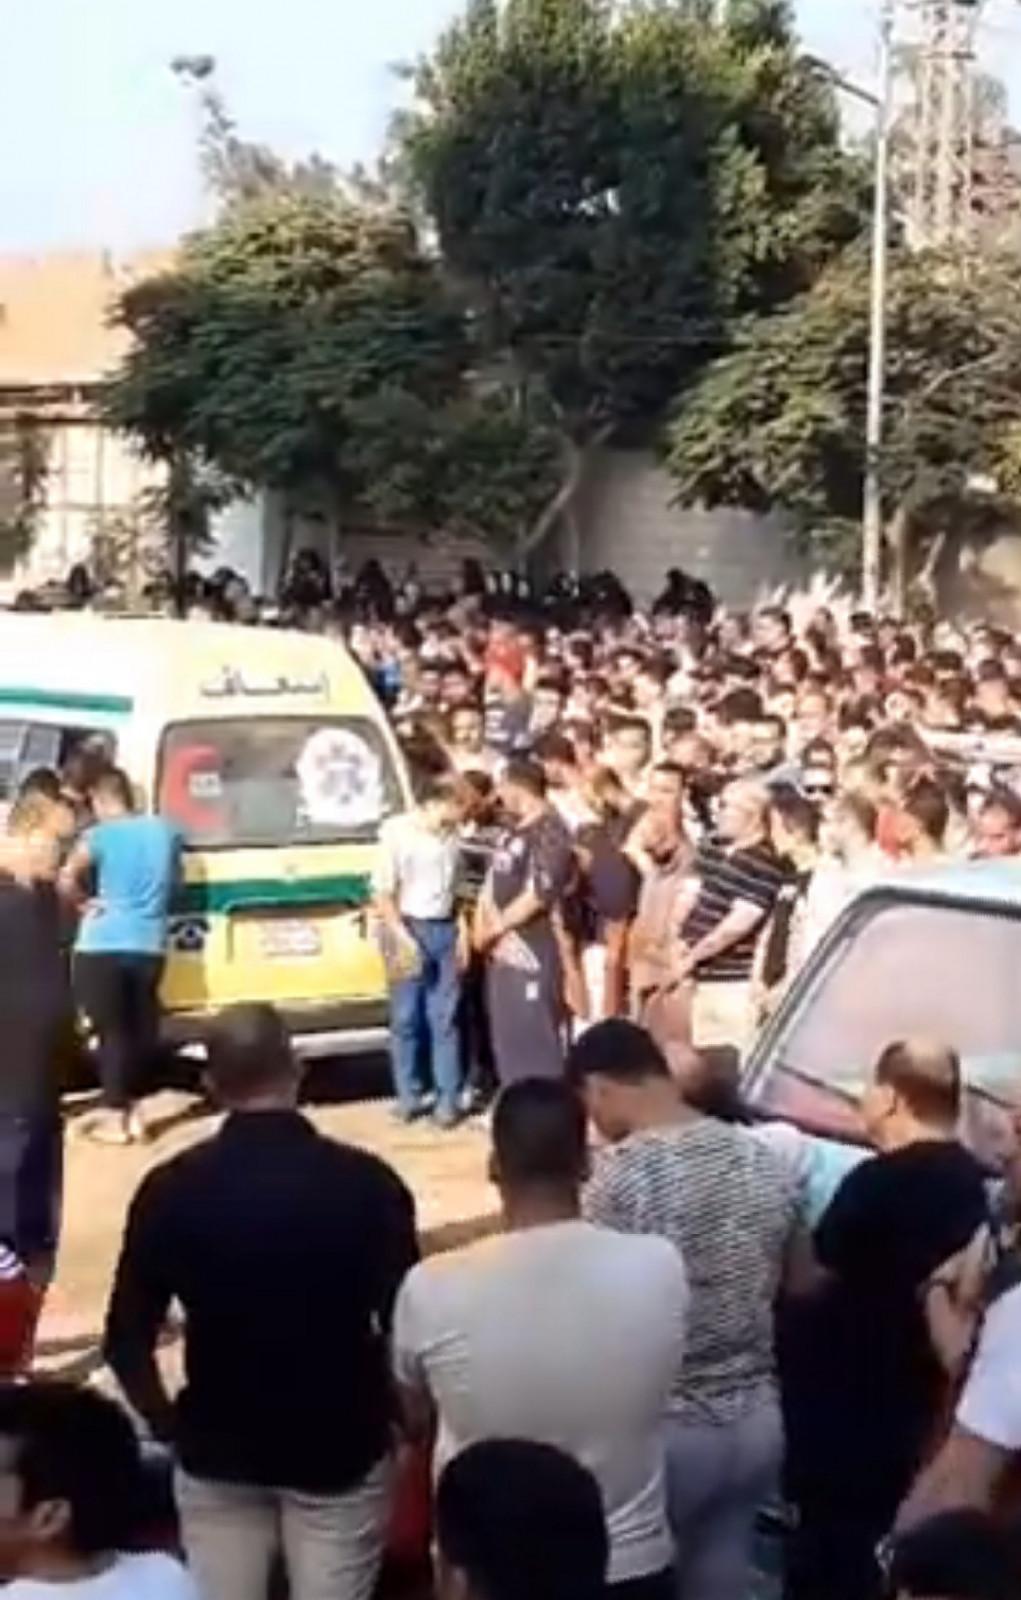 """""""بالأسماء والصور"""" الدقهلية تودع منذ قليل جثامين 8 أشخاص من عائلة واحدة في جنازة شعبية مهيبة حضرها الآلاف 2"""